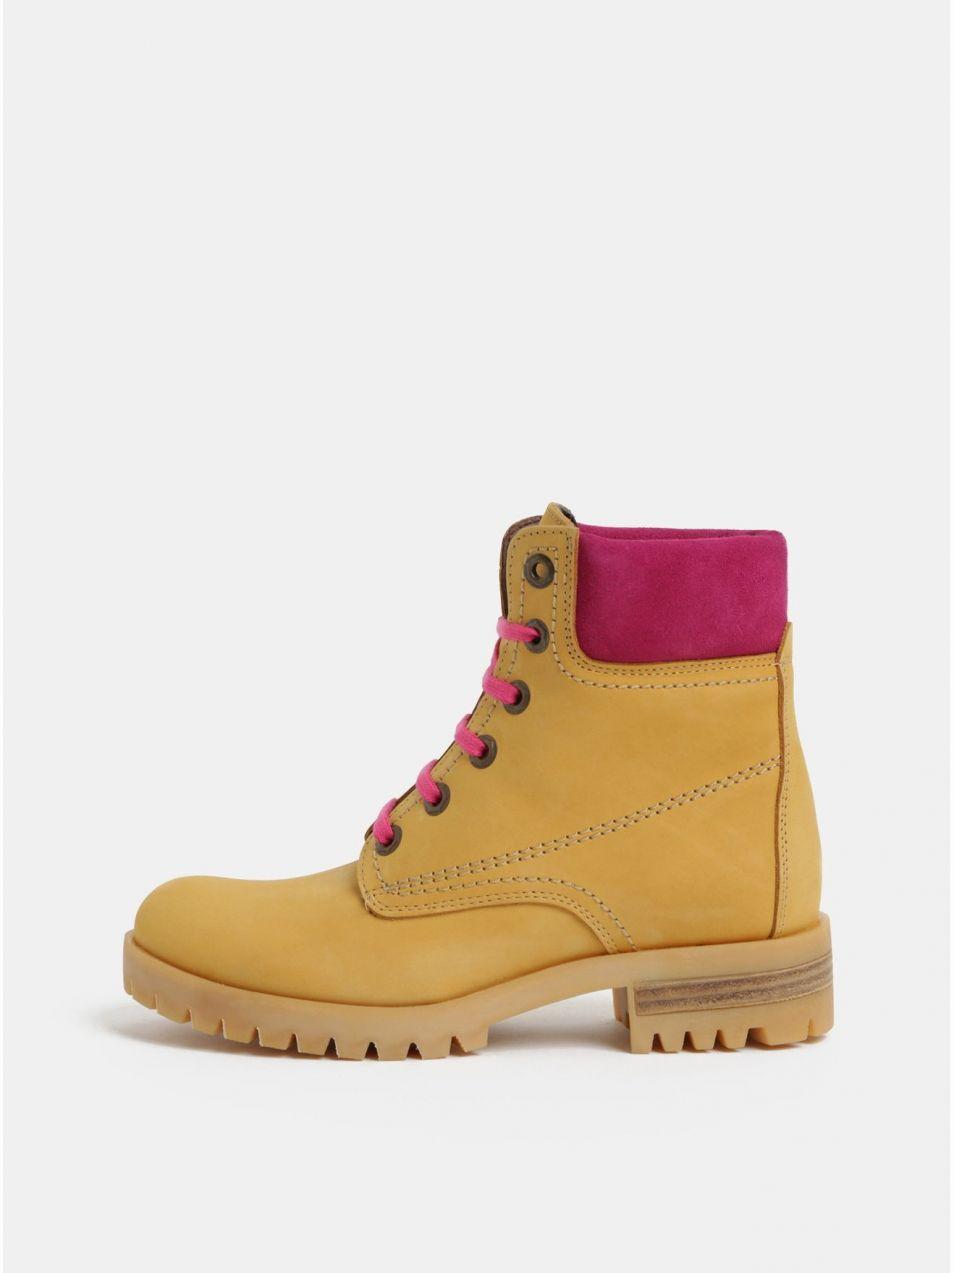 c44502274c98 Ružovo–hnedé kožené členkové topánky so semišovými detailmi OJJU značky OJJU  - Lovely.sk